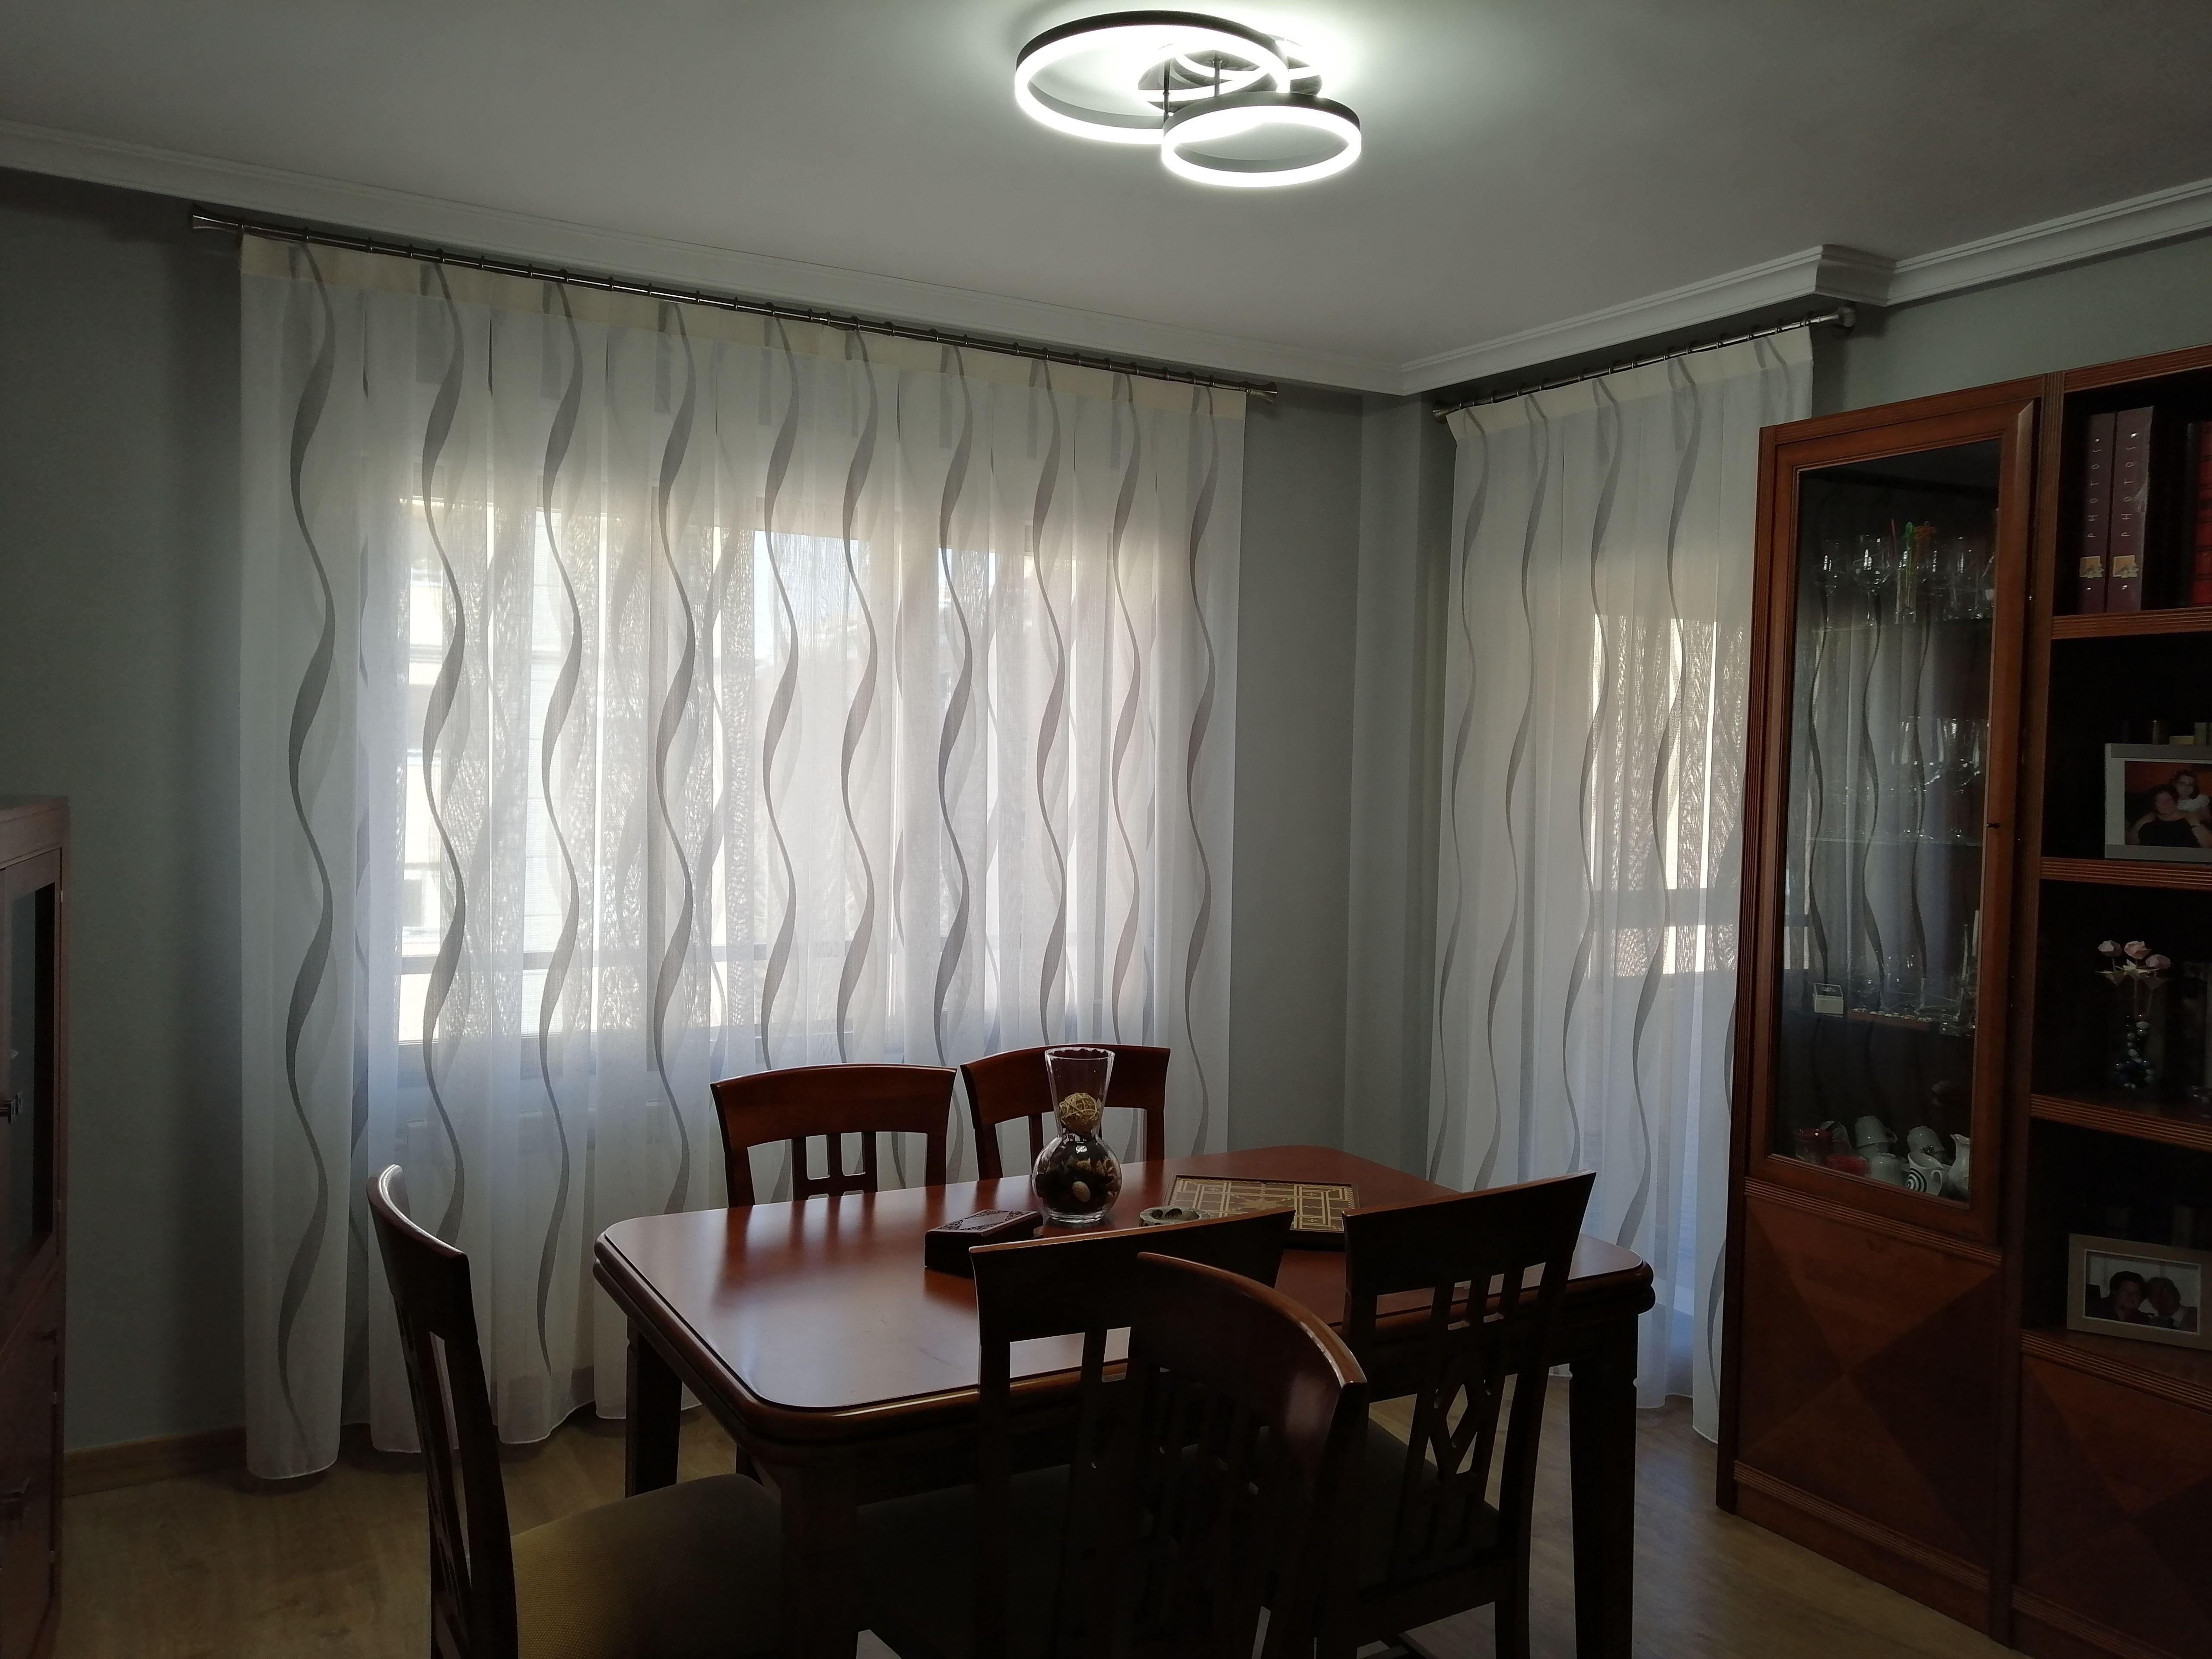 Foto 36 de Venta e instalación de cortinas en    Feymar